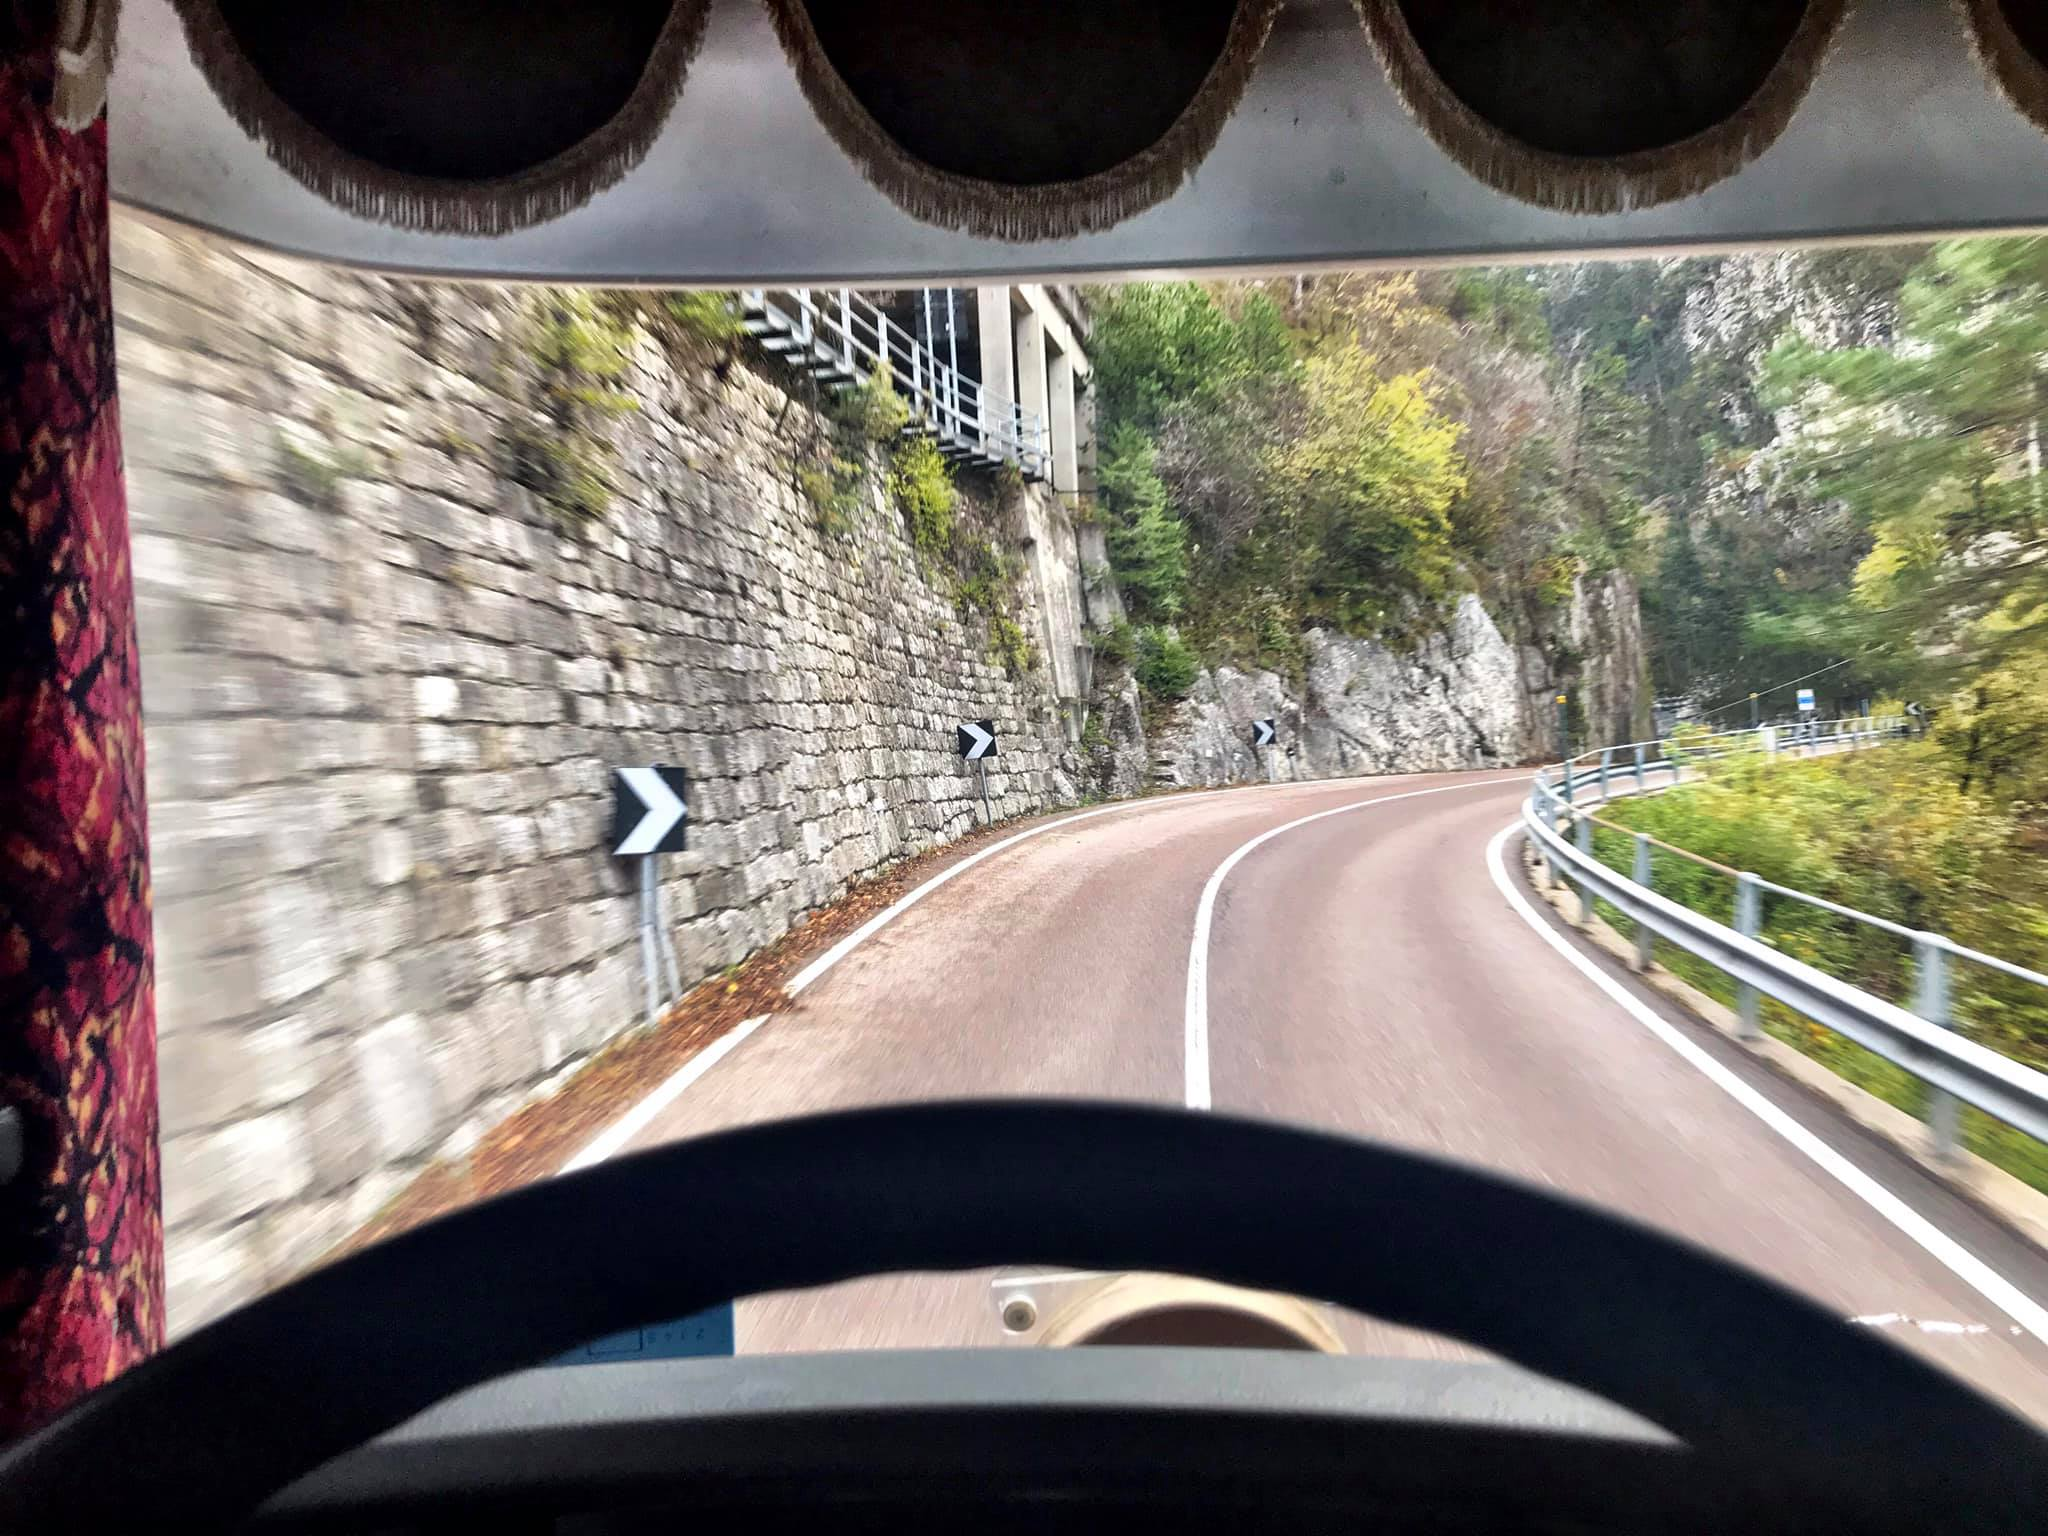 Pols-Sie-in-noord-Italie--30-10-209-14